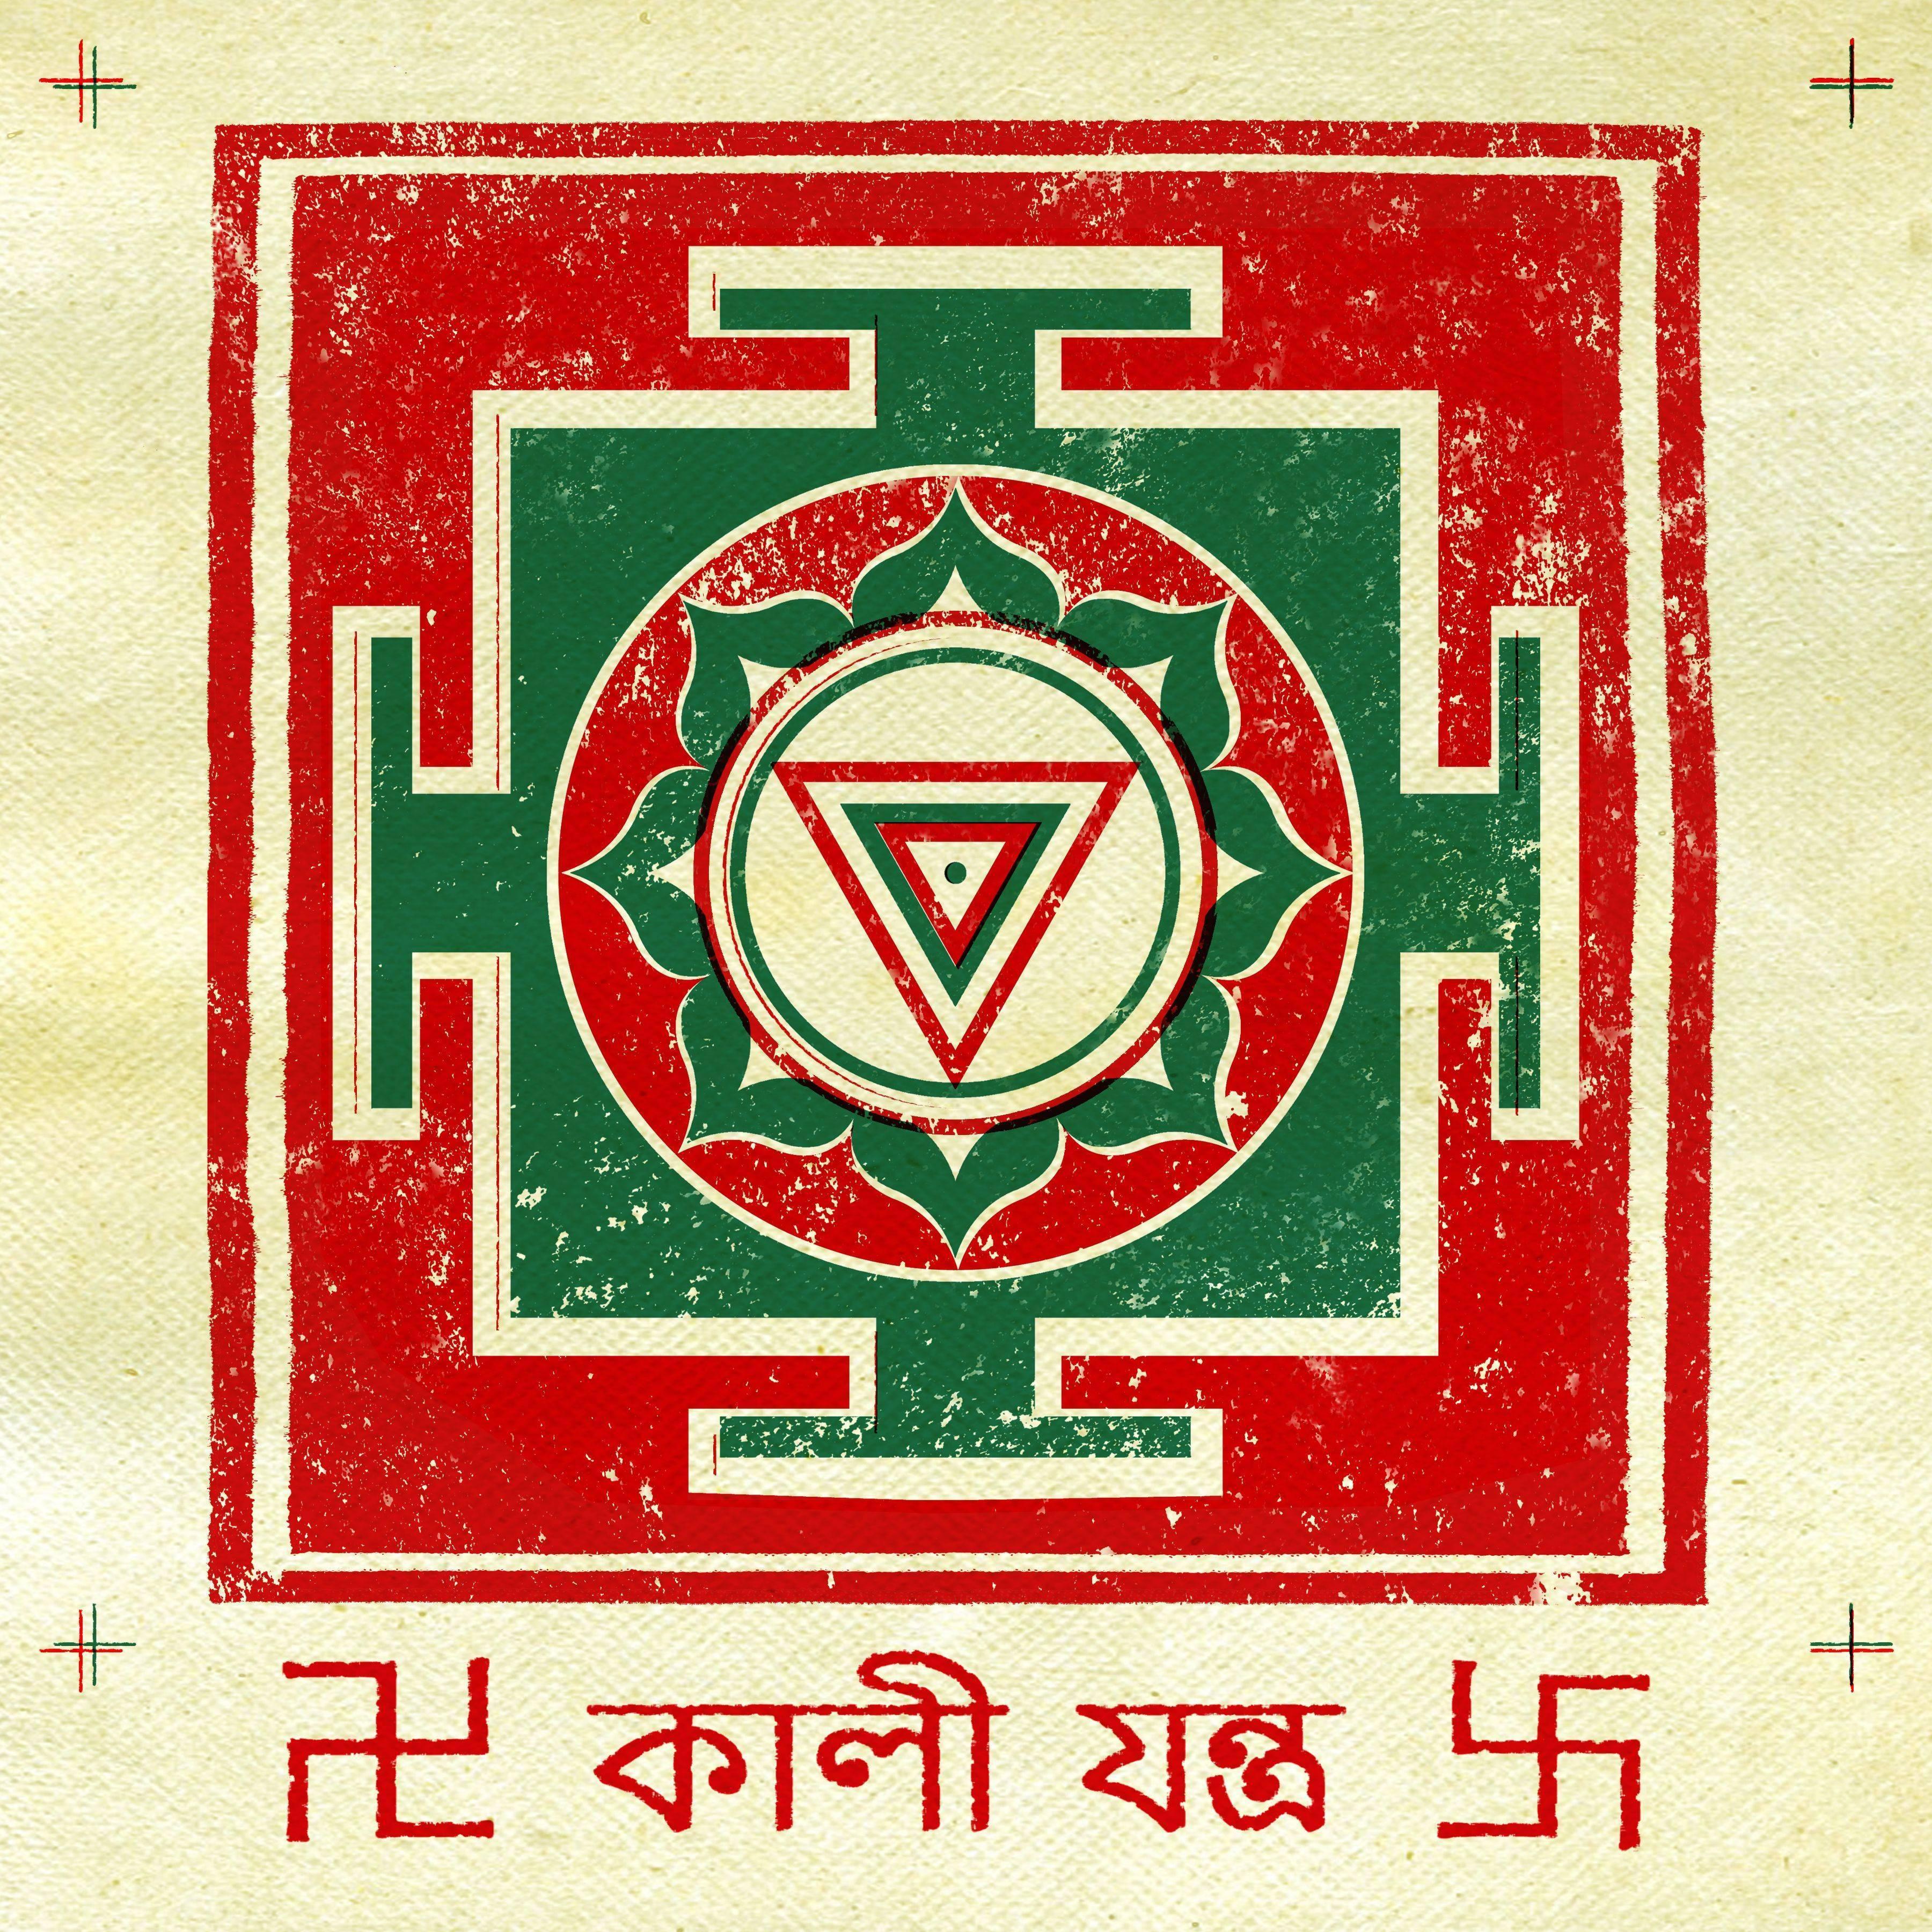 Другие символы и понятия   символы буддизма   библиотека   центр тибетской медицины кунпен делек